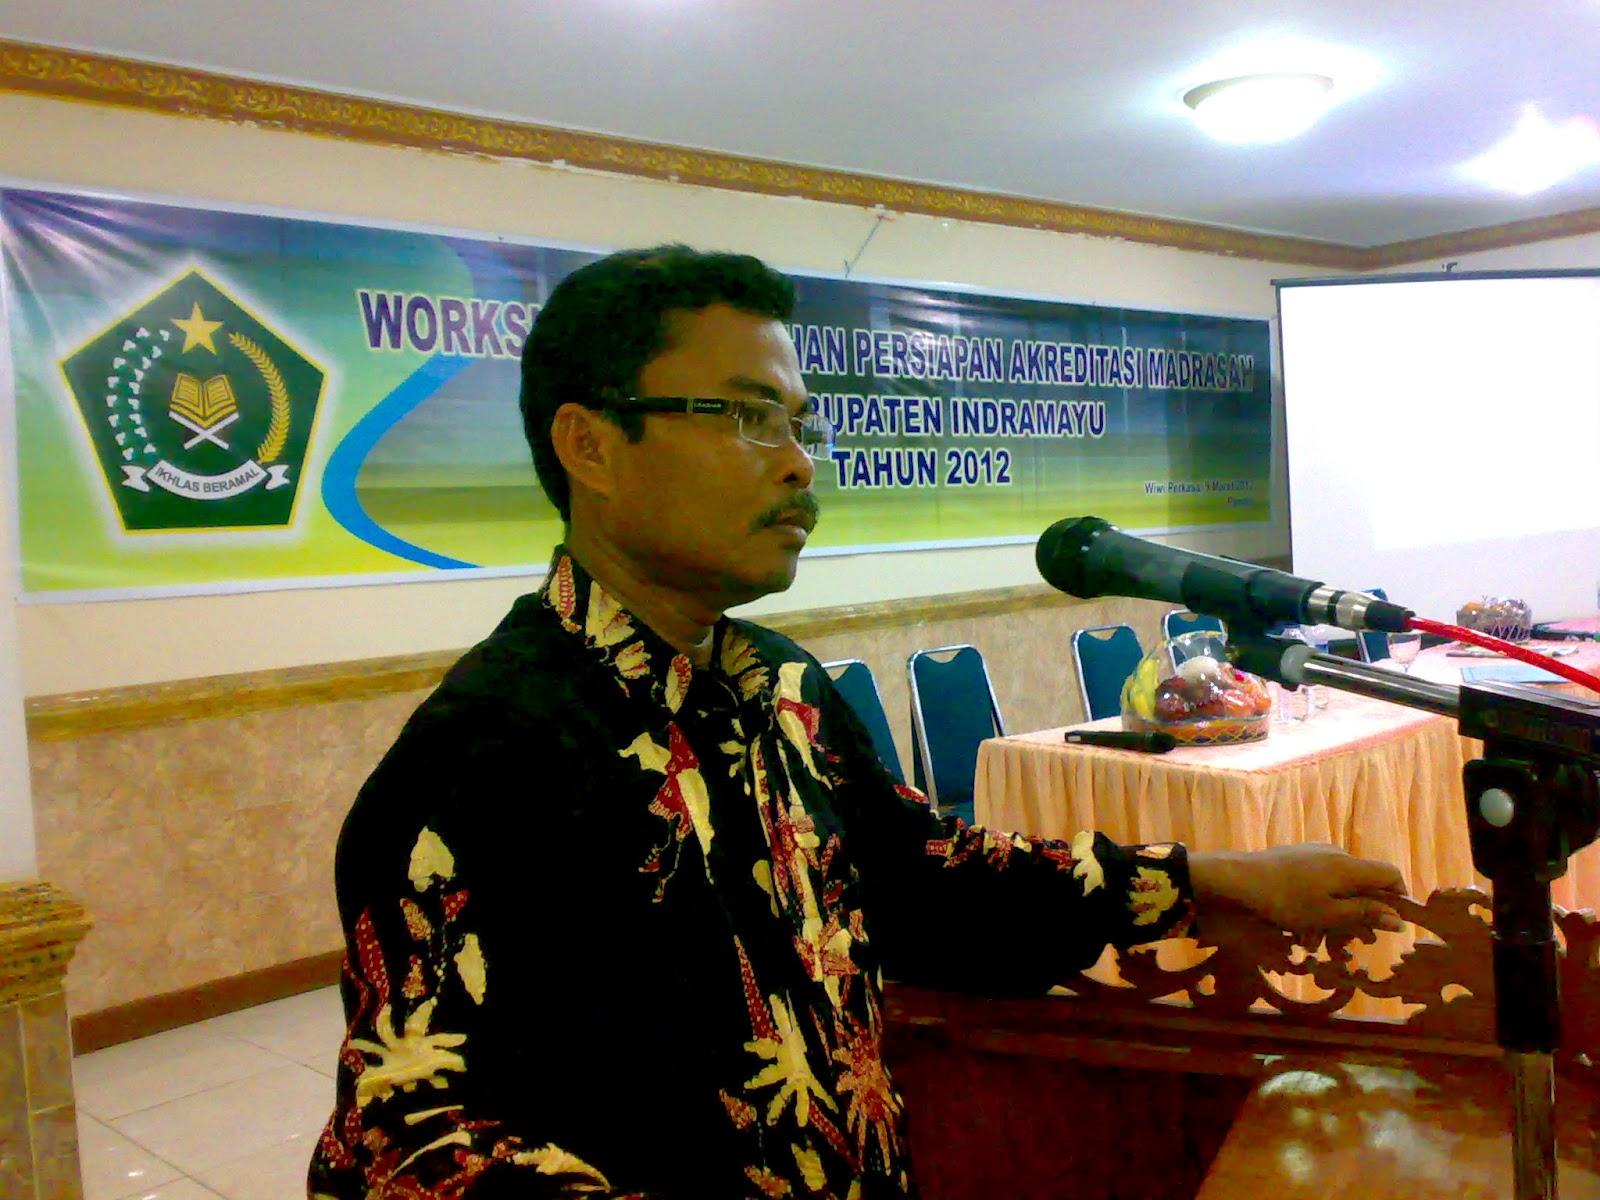 kegiatan workshop pembekalan persiapan akreditasi 2012